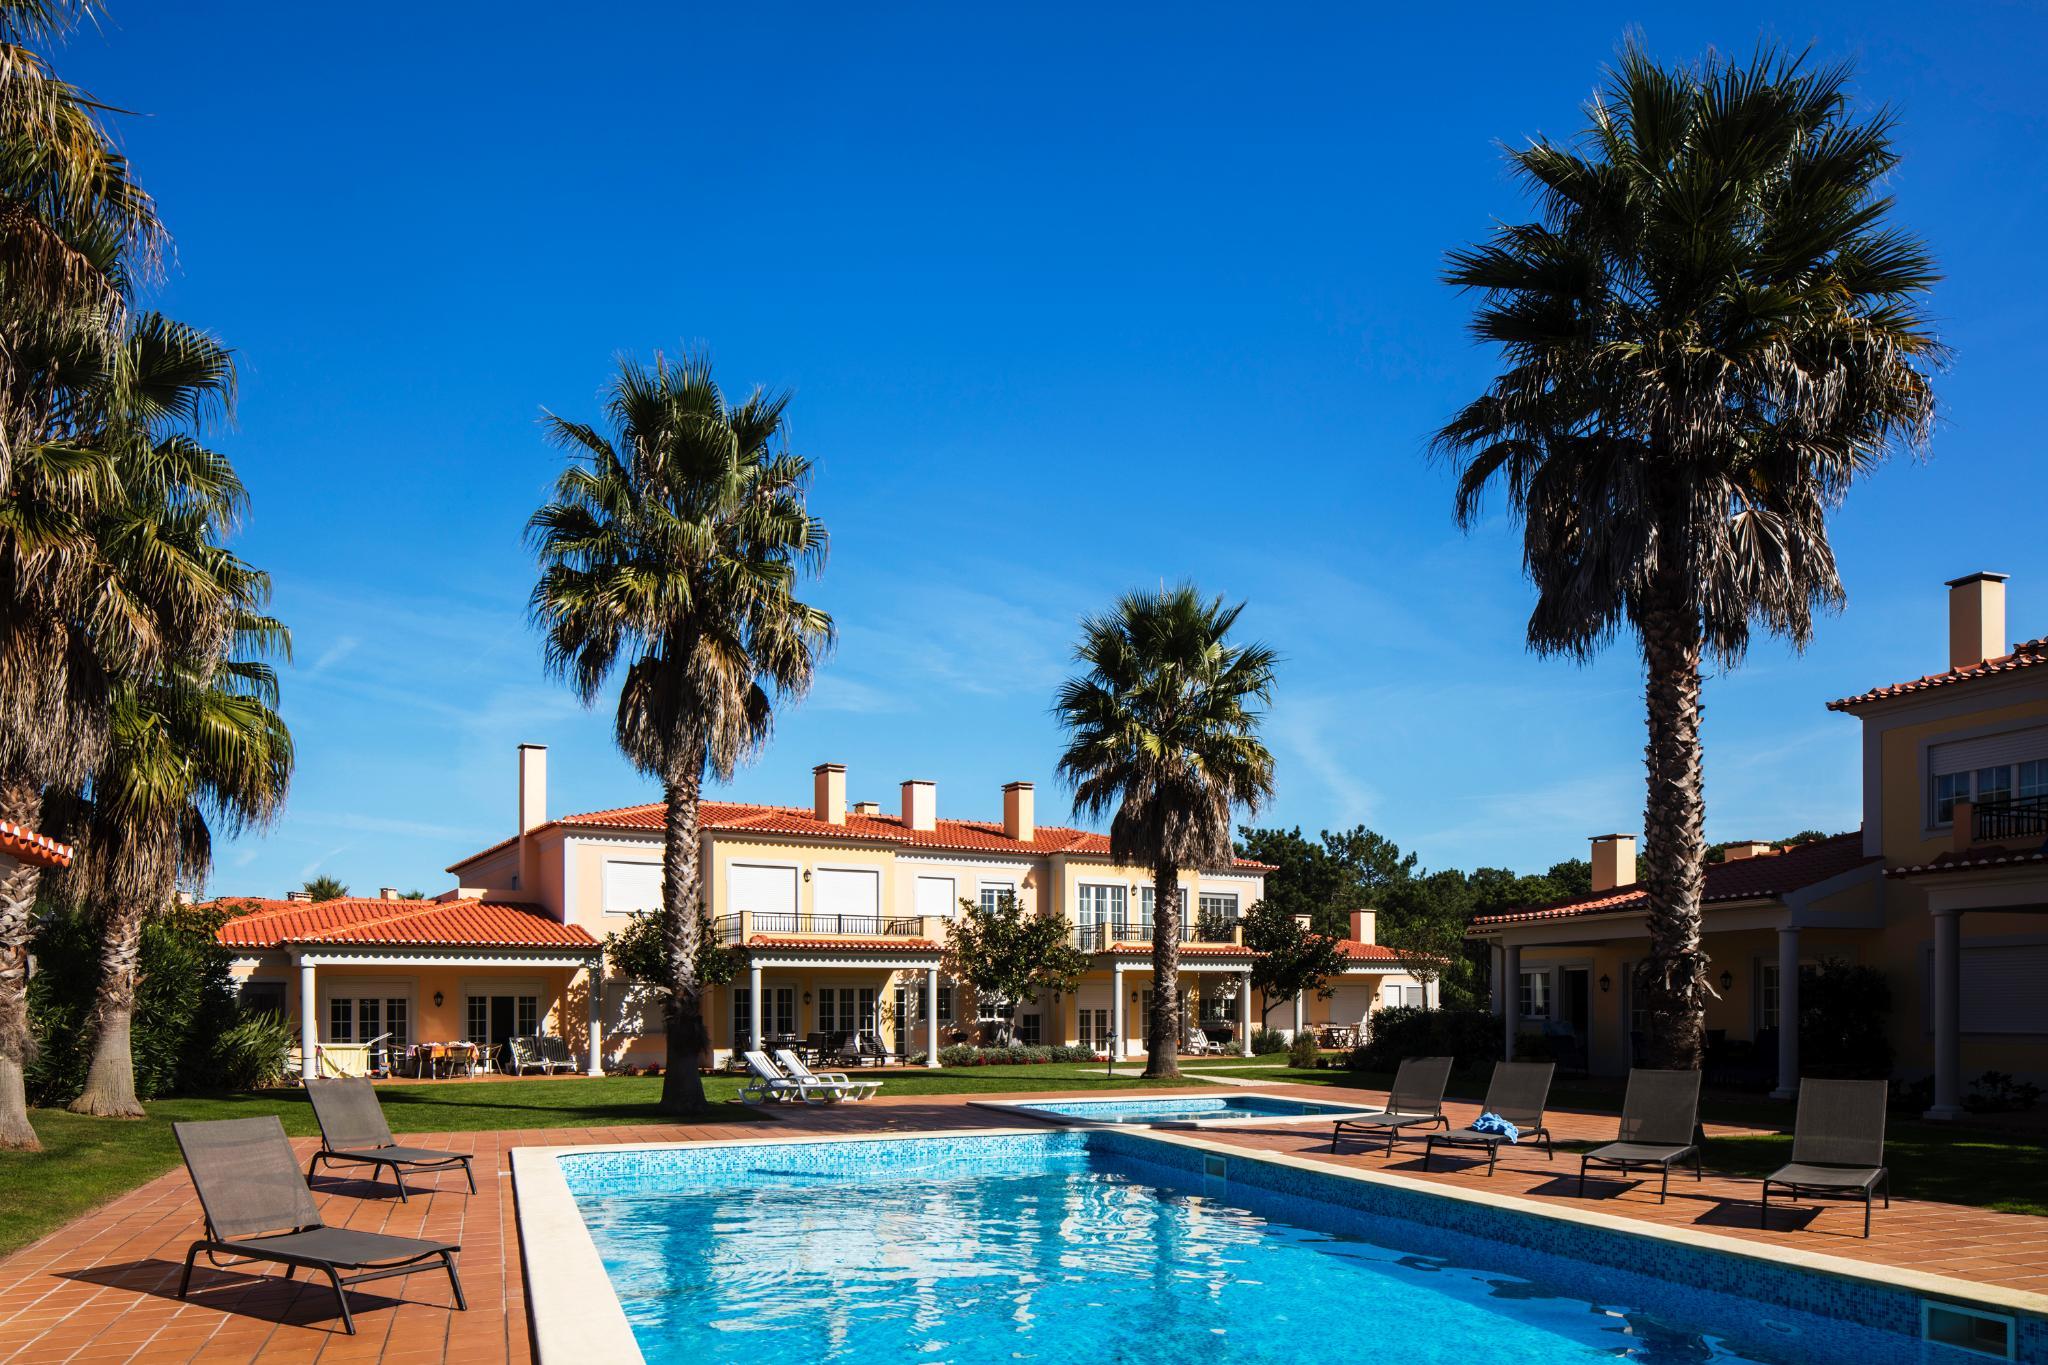 praia-del-rey-beach-golf-resort-the-village 3236